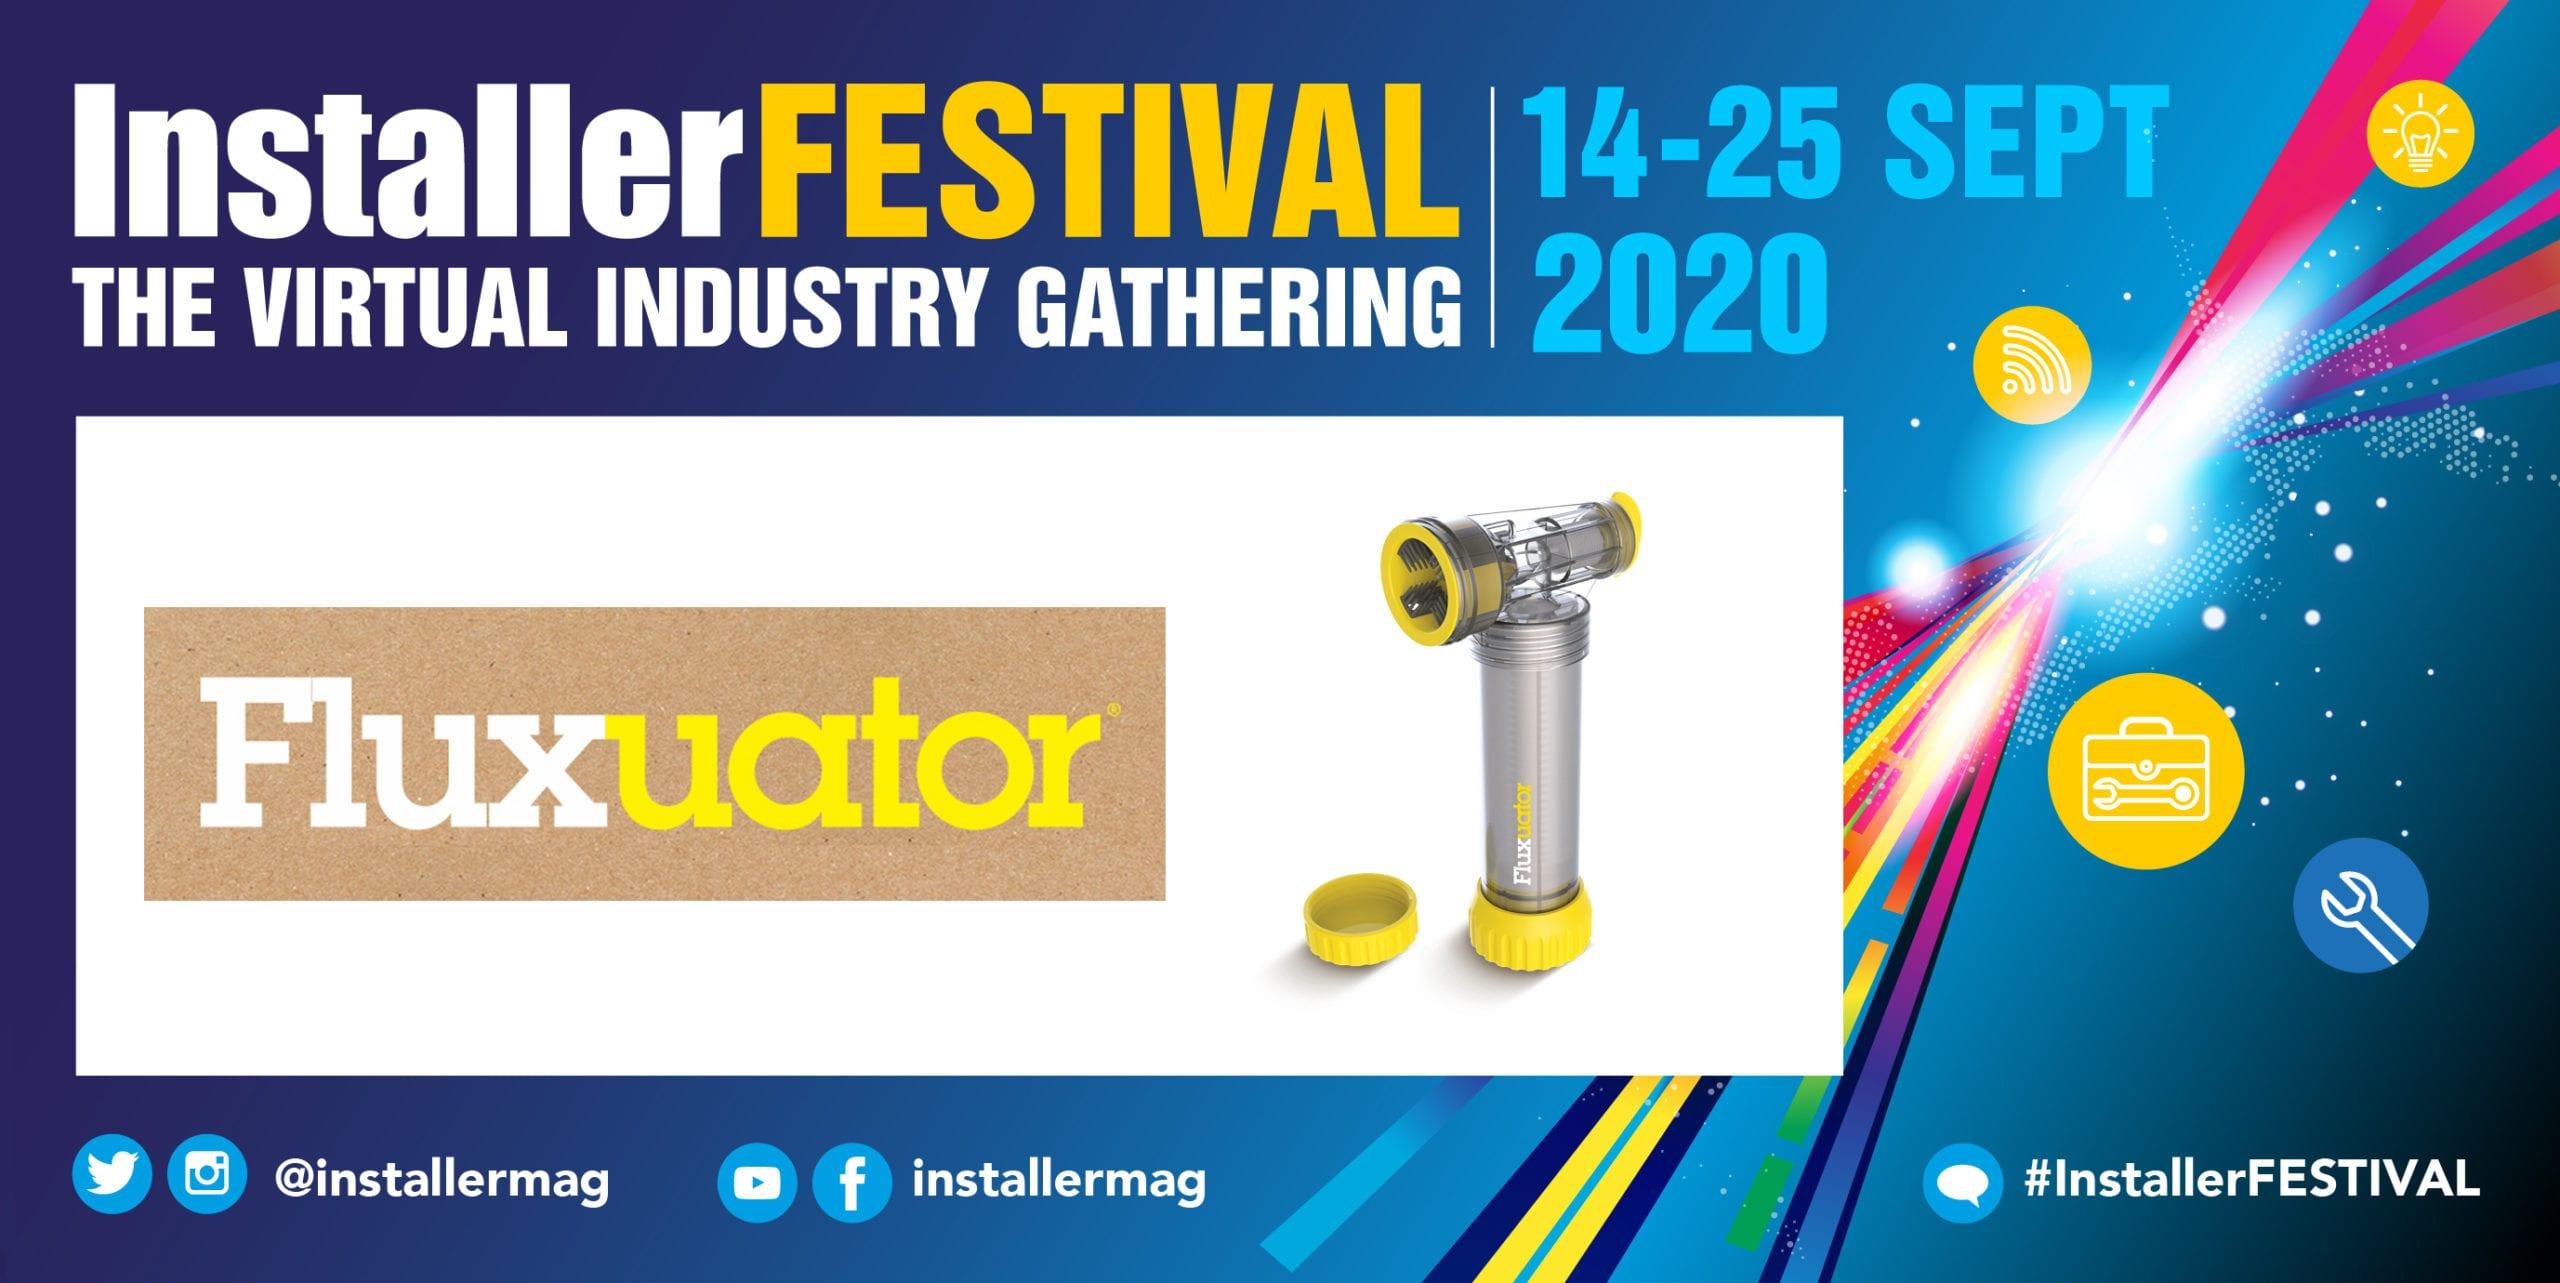 Popular - Win a Fluxuator at #InstallerFESTIVAL